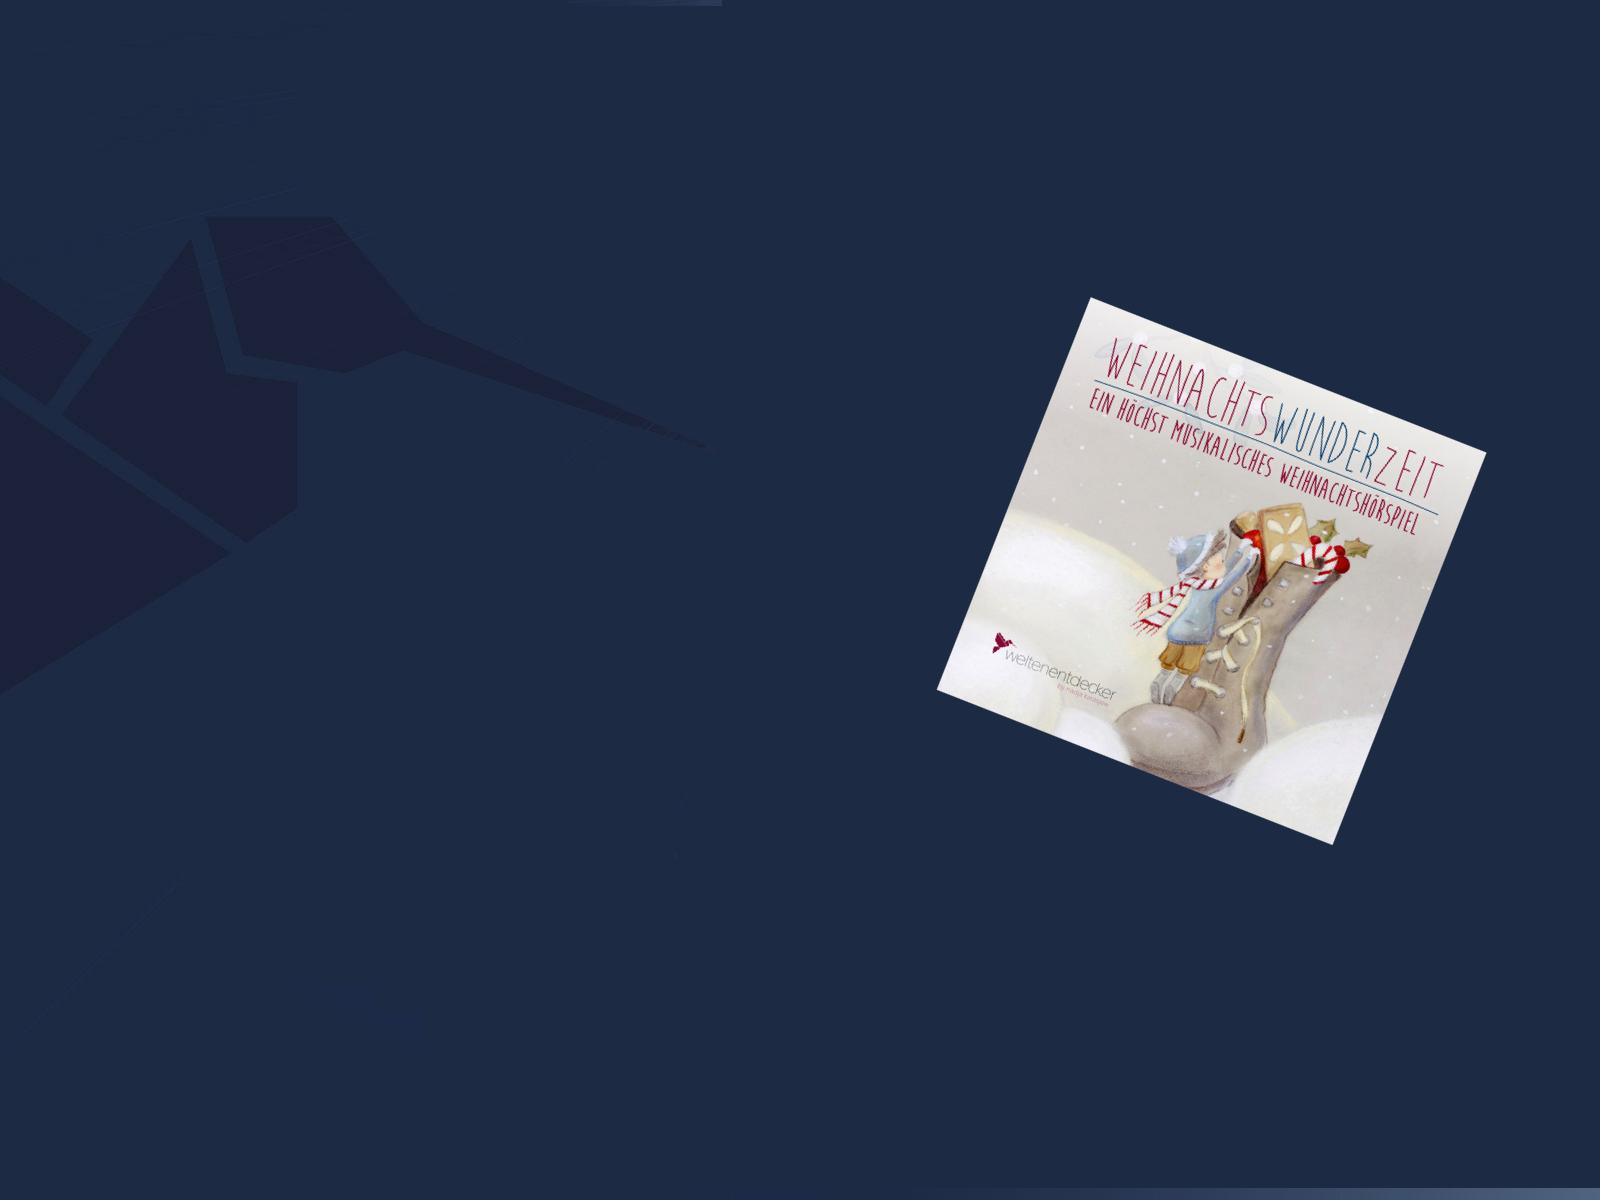 Alles zur Weihnachtswunderzeit-CD…